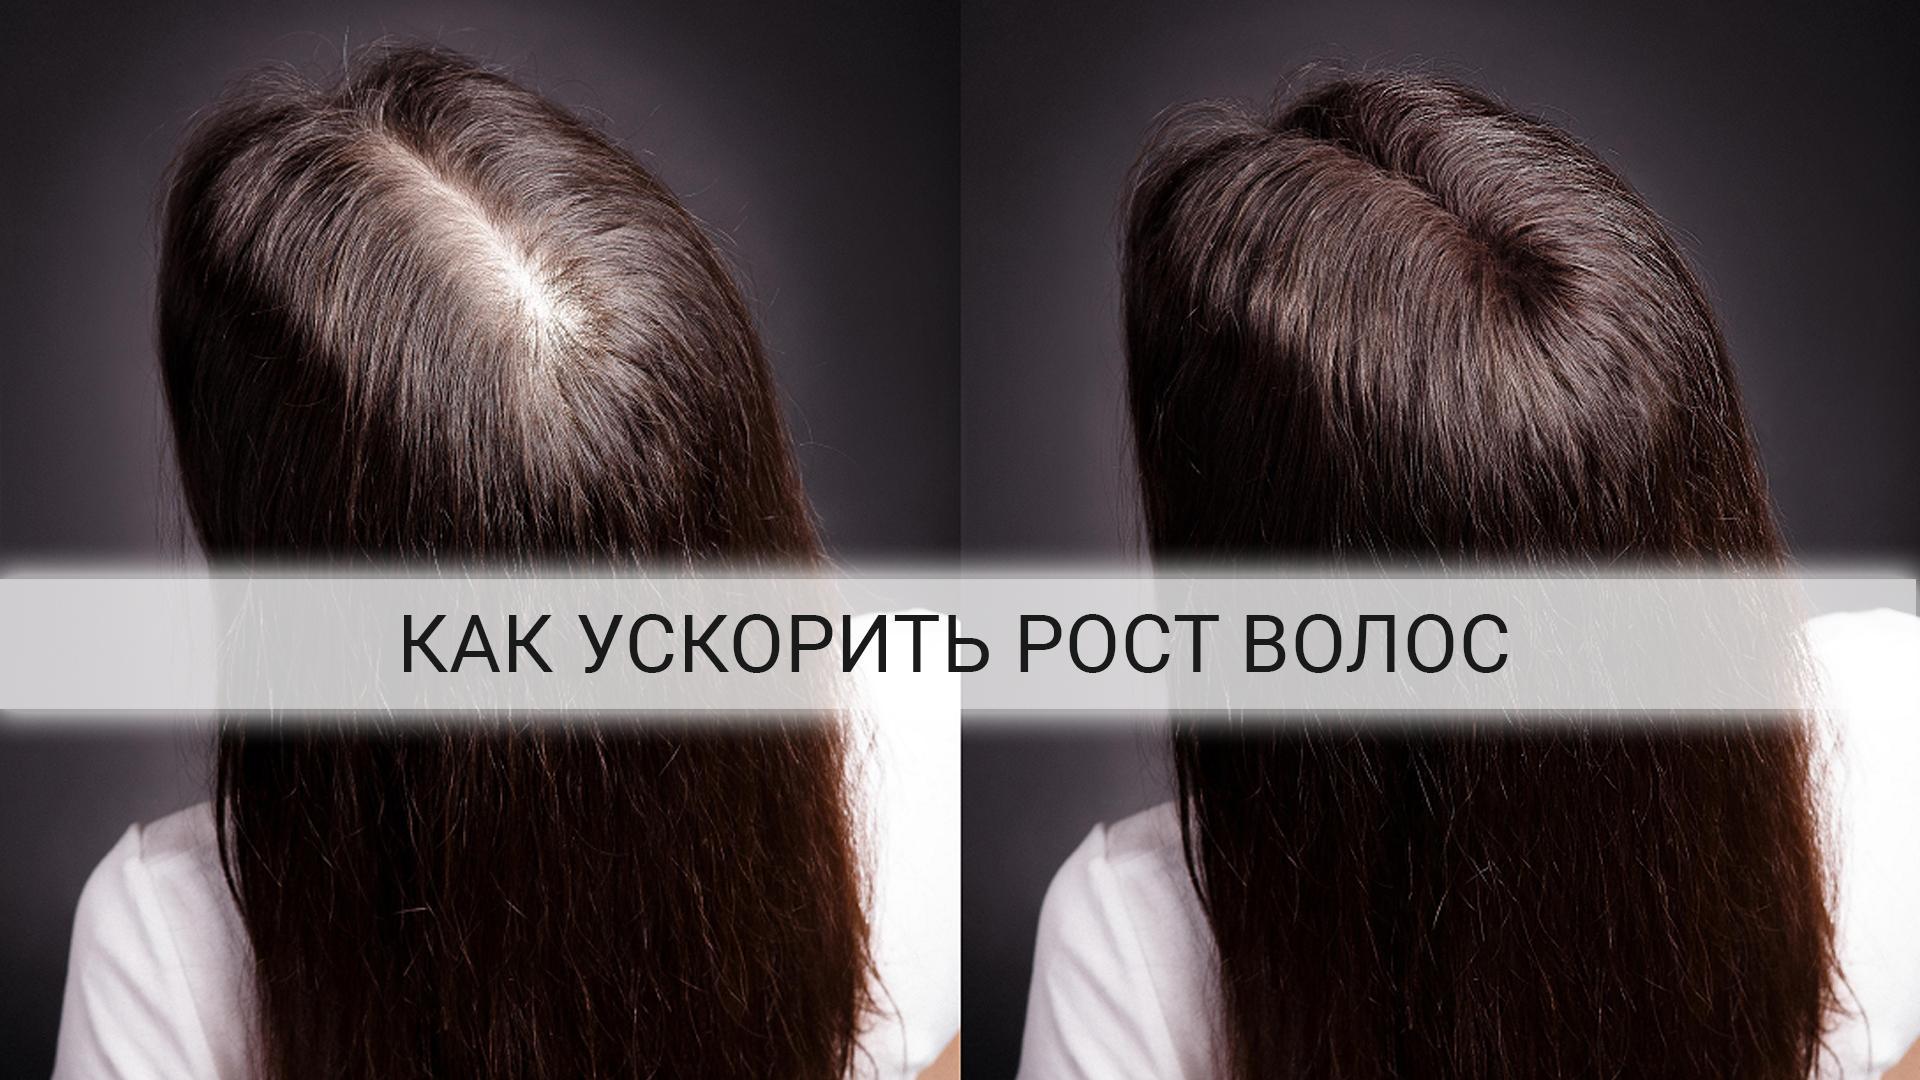 Как-ускорить-рост-волос